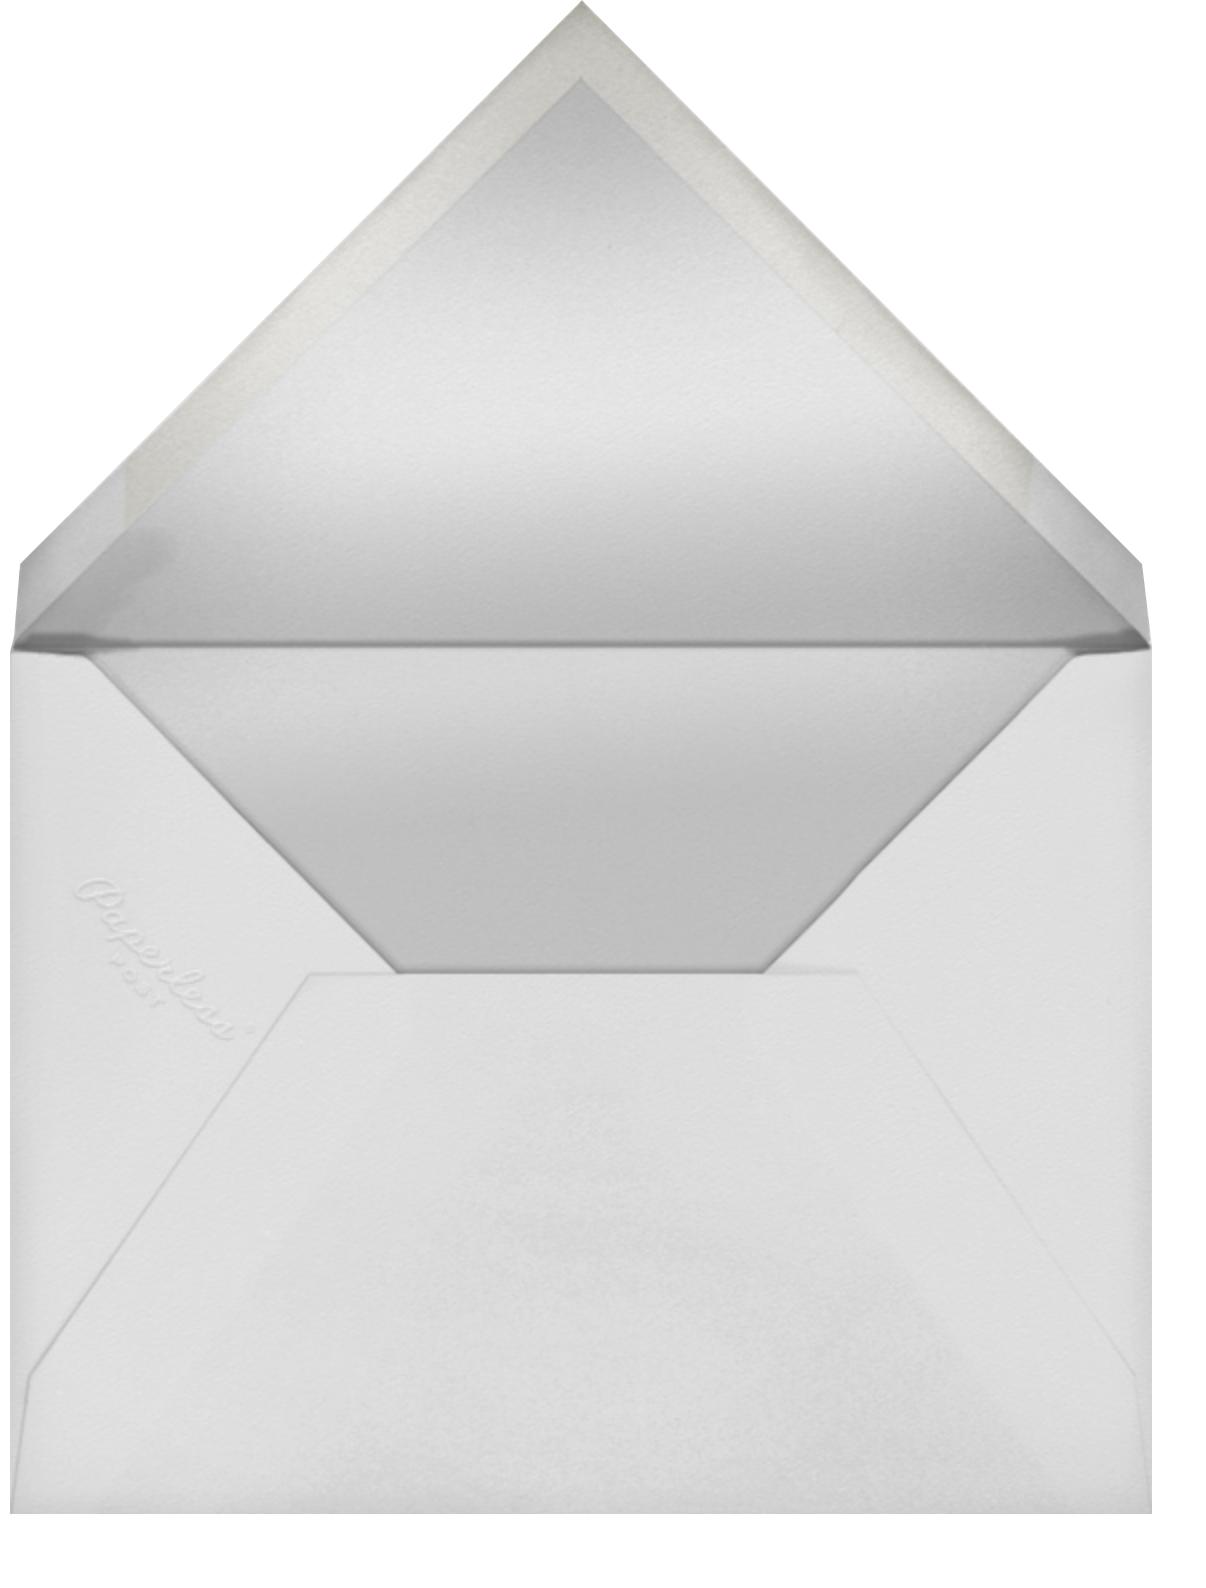 Birch Monarch Suite (Menu) - Rifle Paper Co. - Menus - envelope back